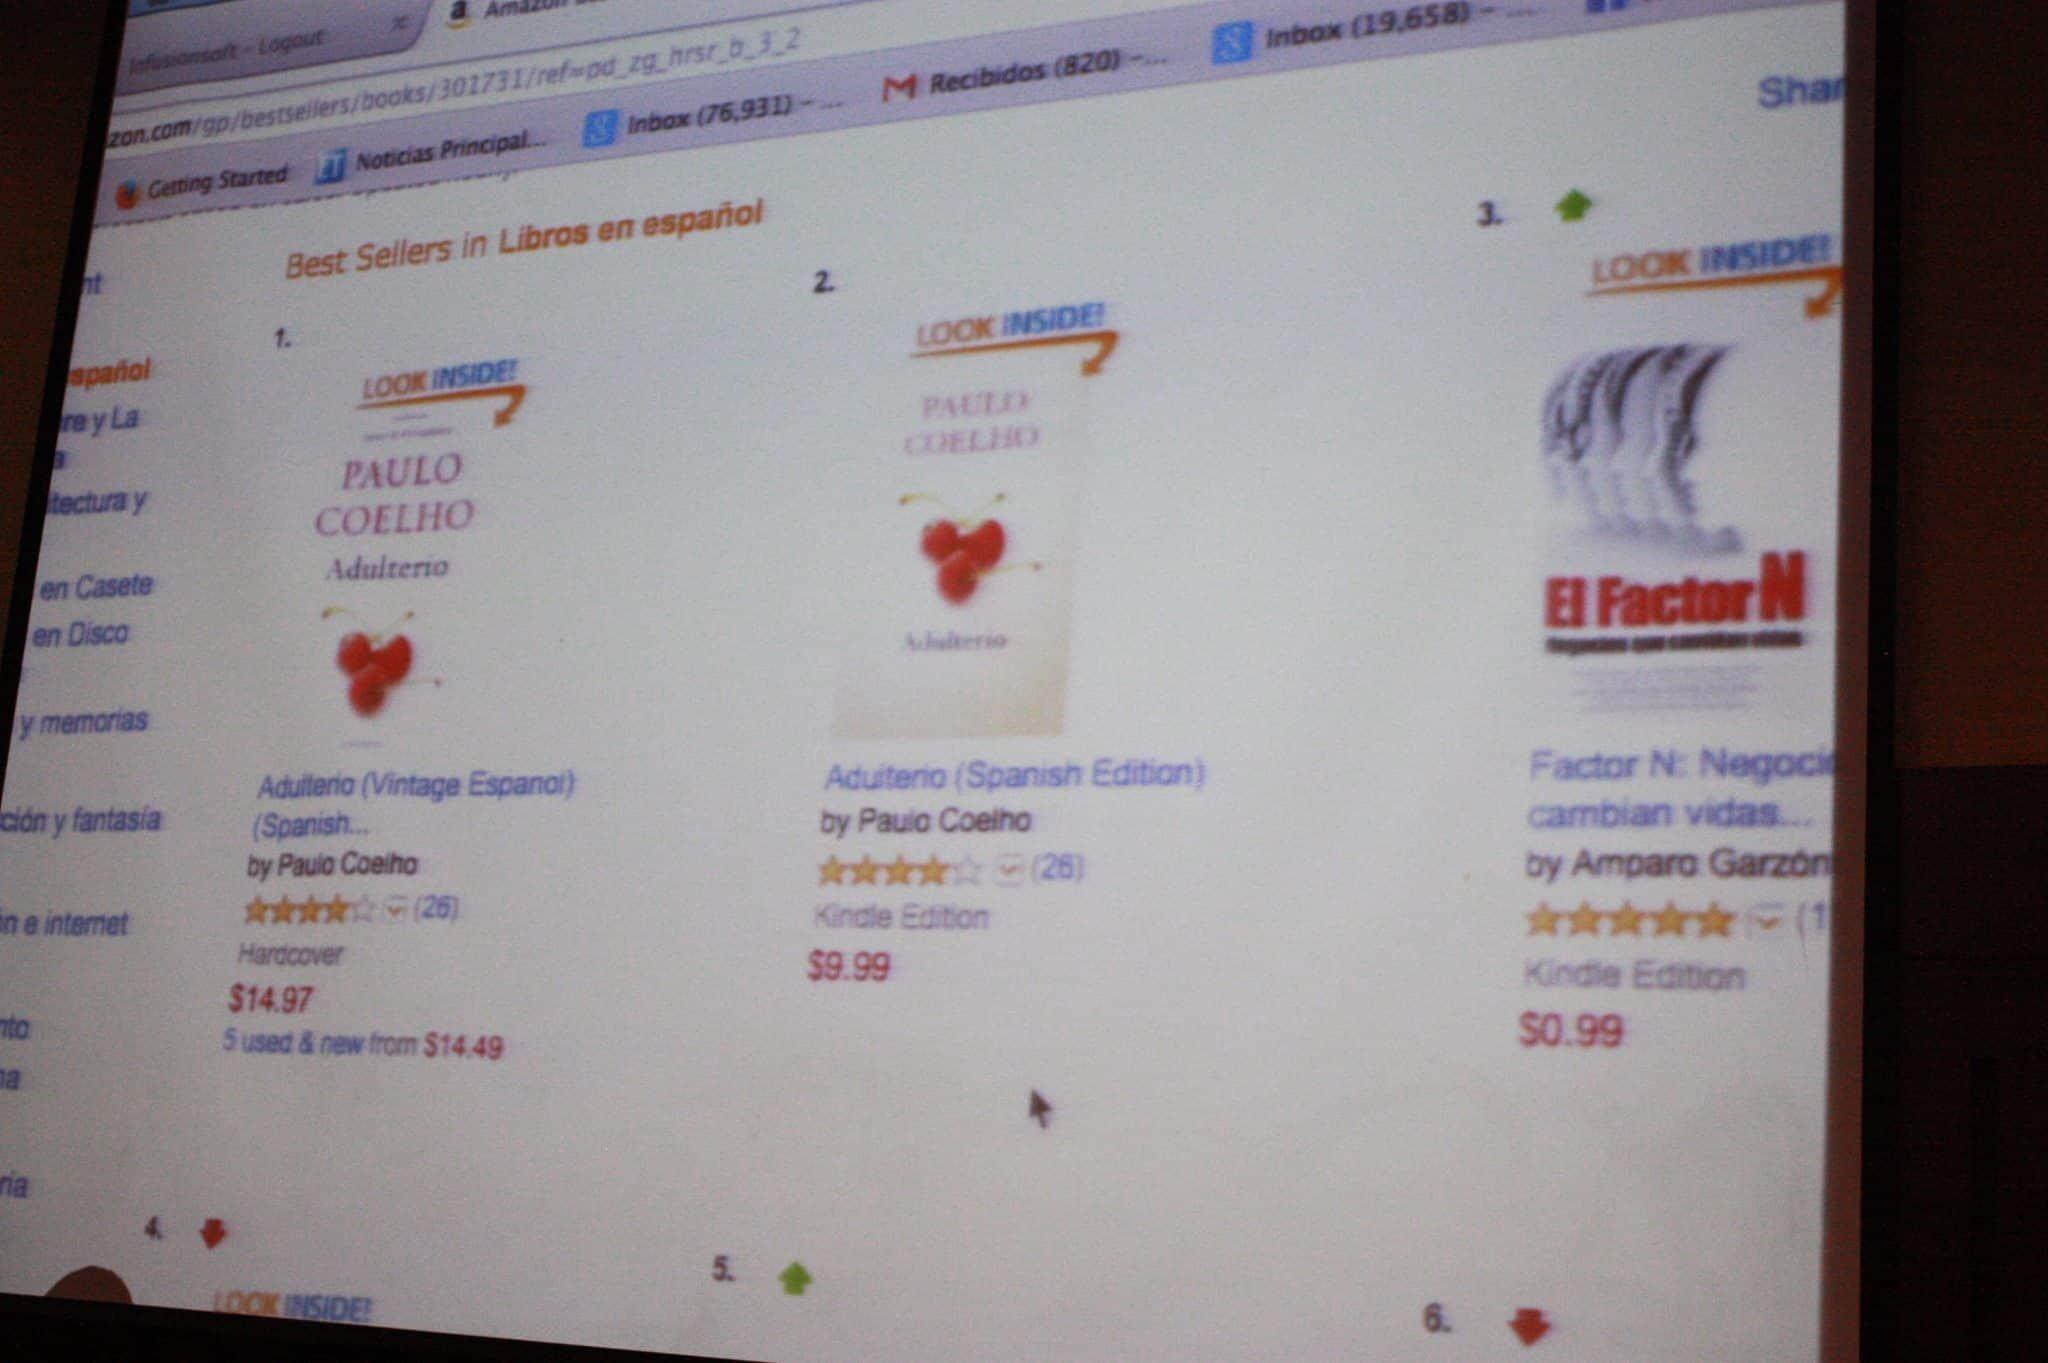 Libro Best Seller Factor N Negocios Los Maestros del Internet 2014